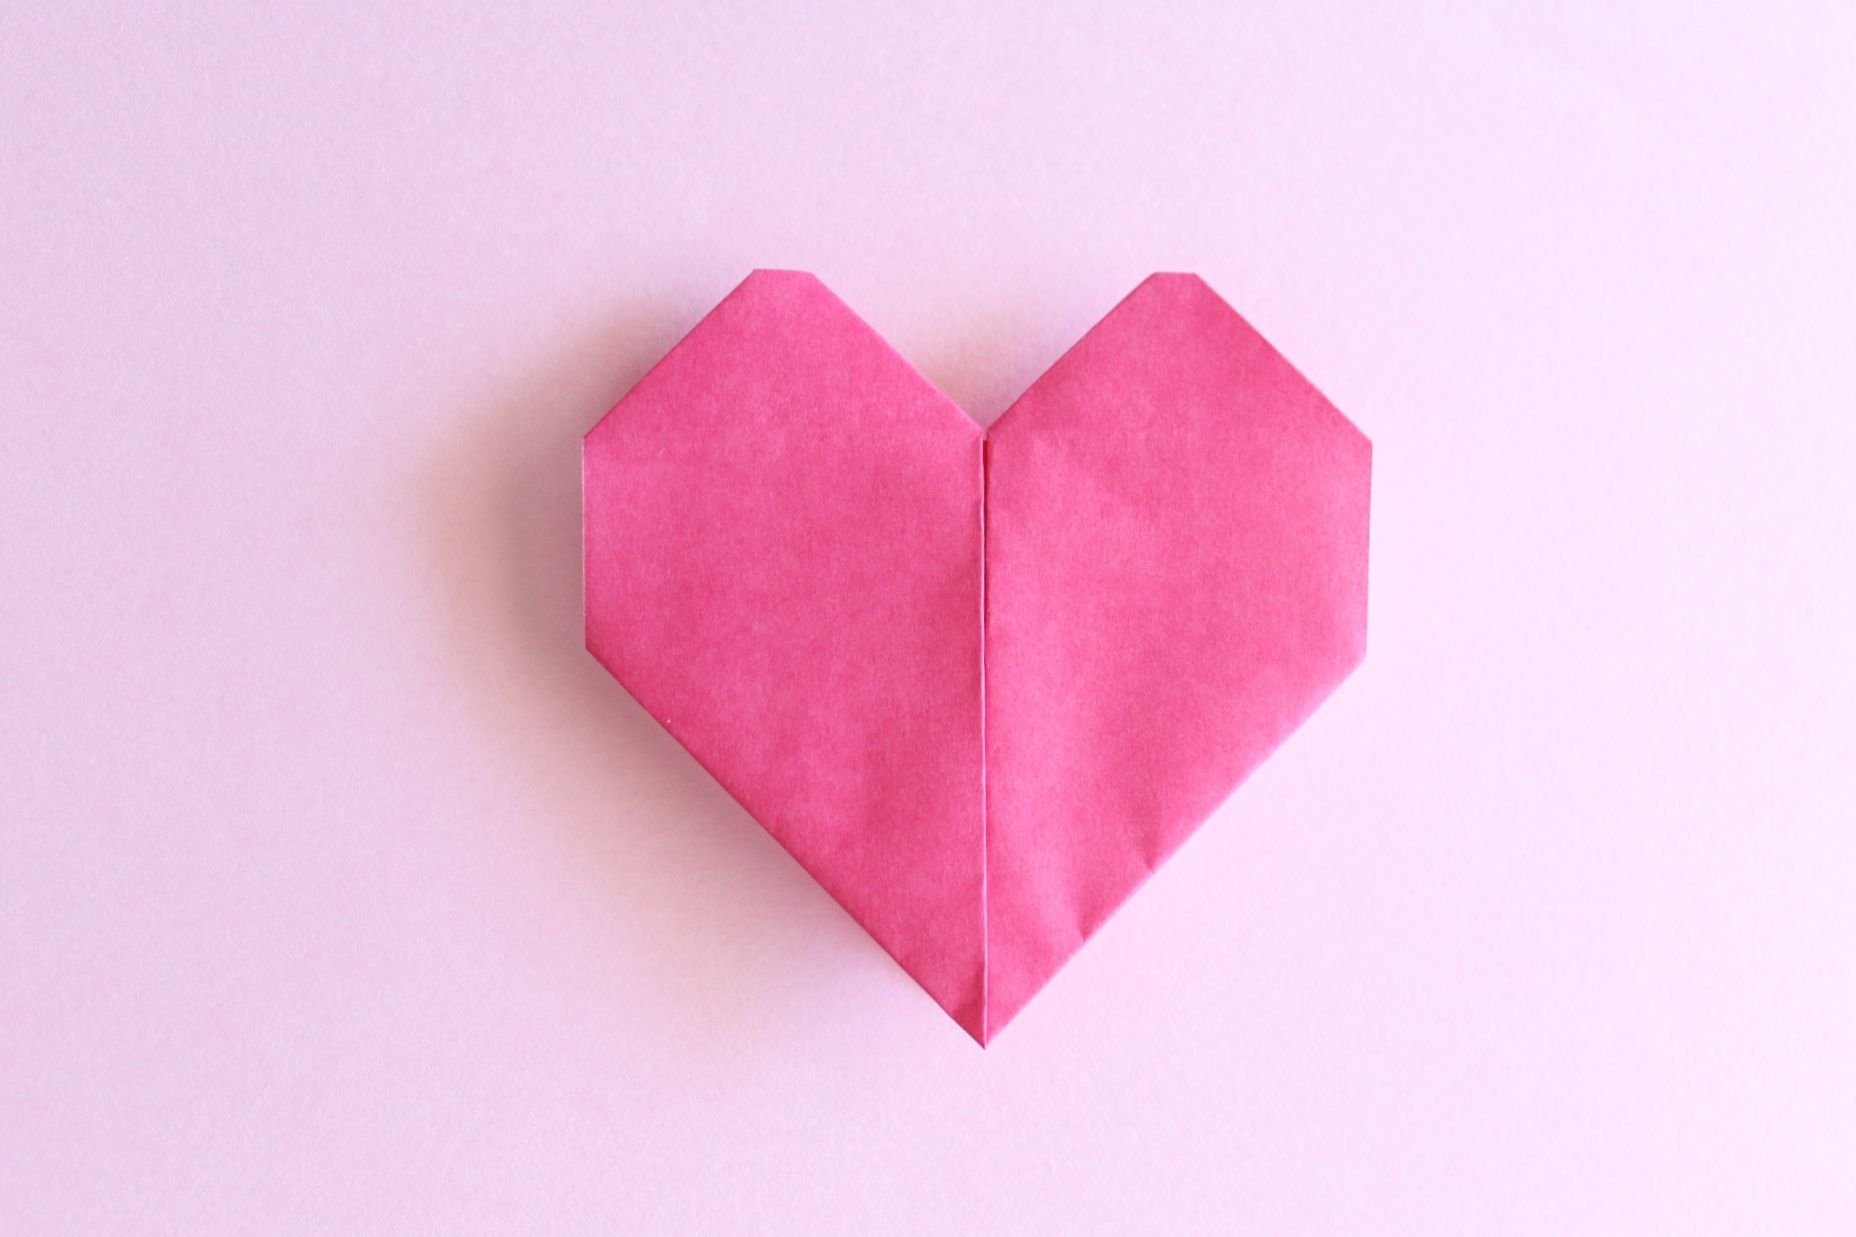 折り紙でハートの折り方